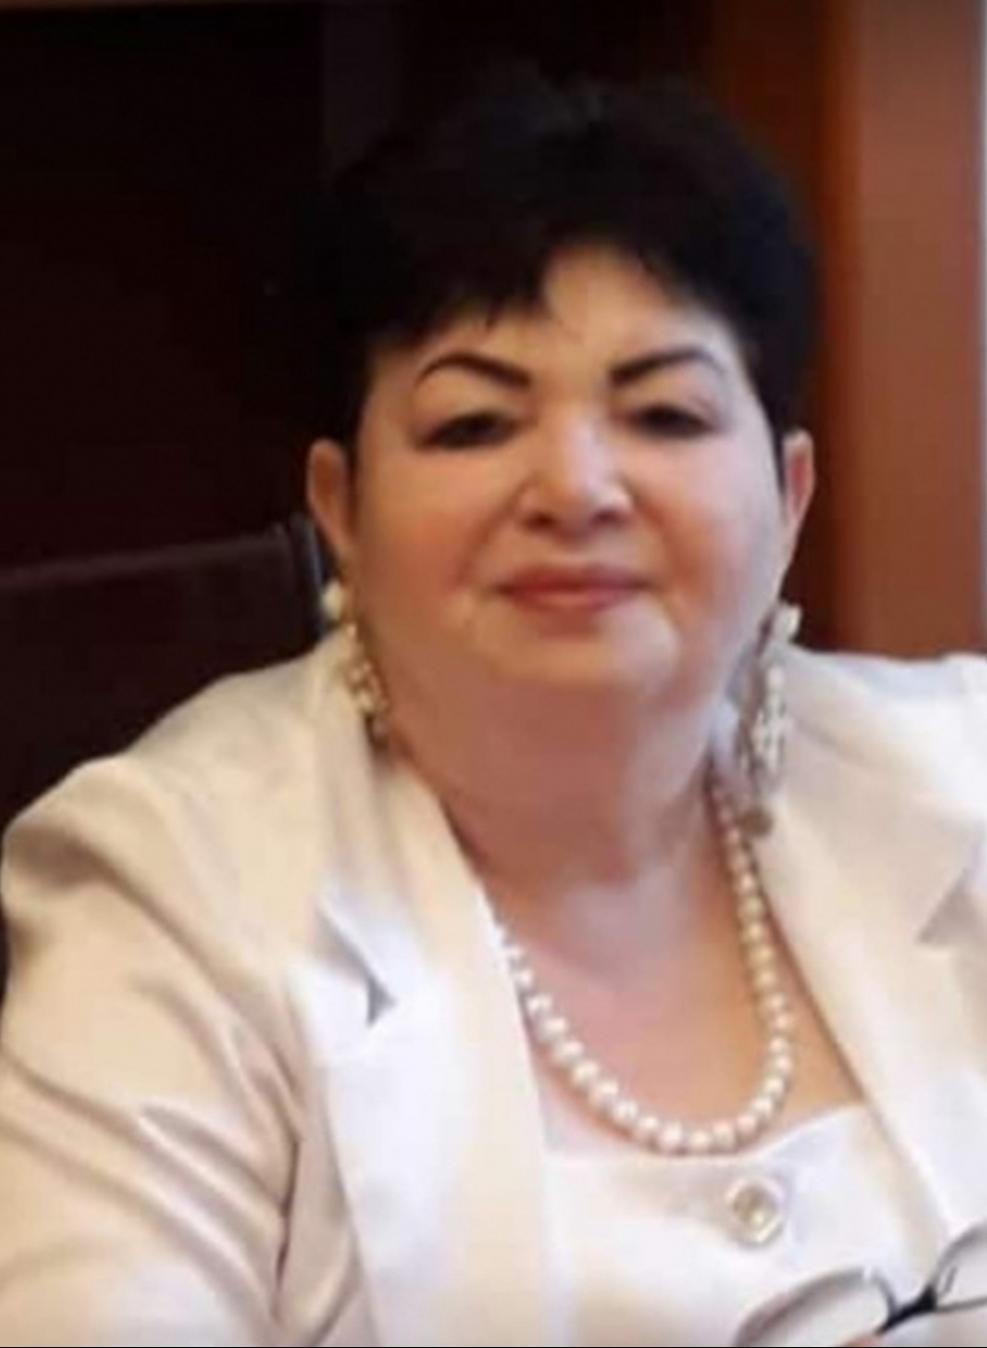 Azərbaycanlı alimin məqaləsi ABŞ-da dərc olunub